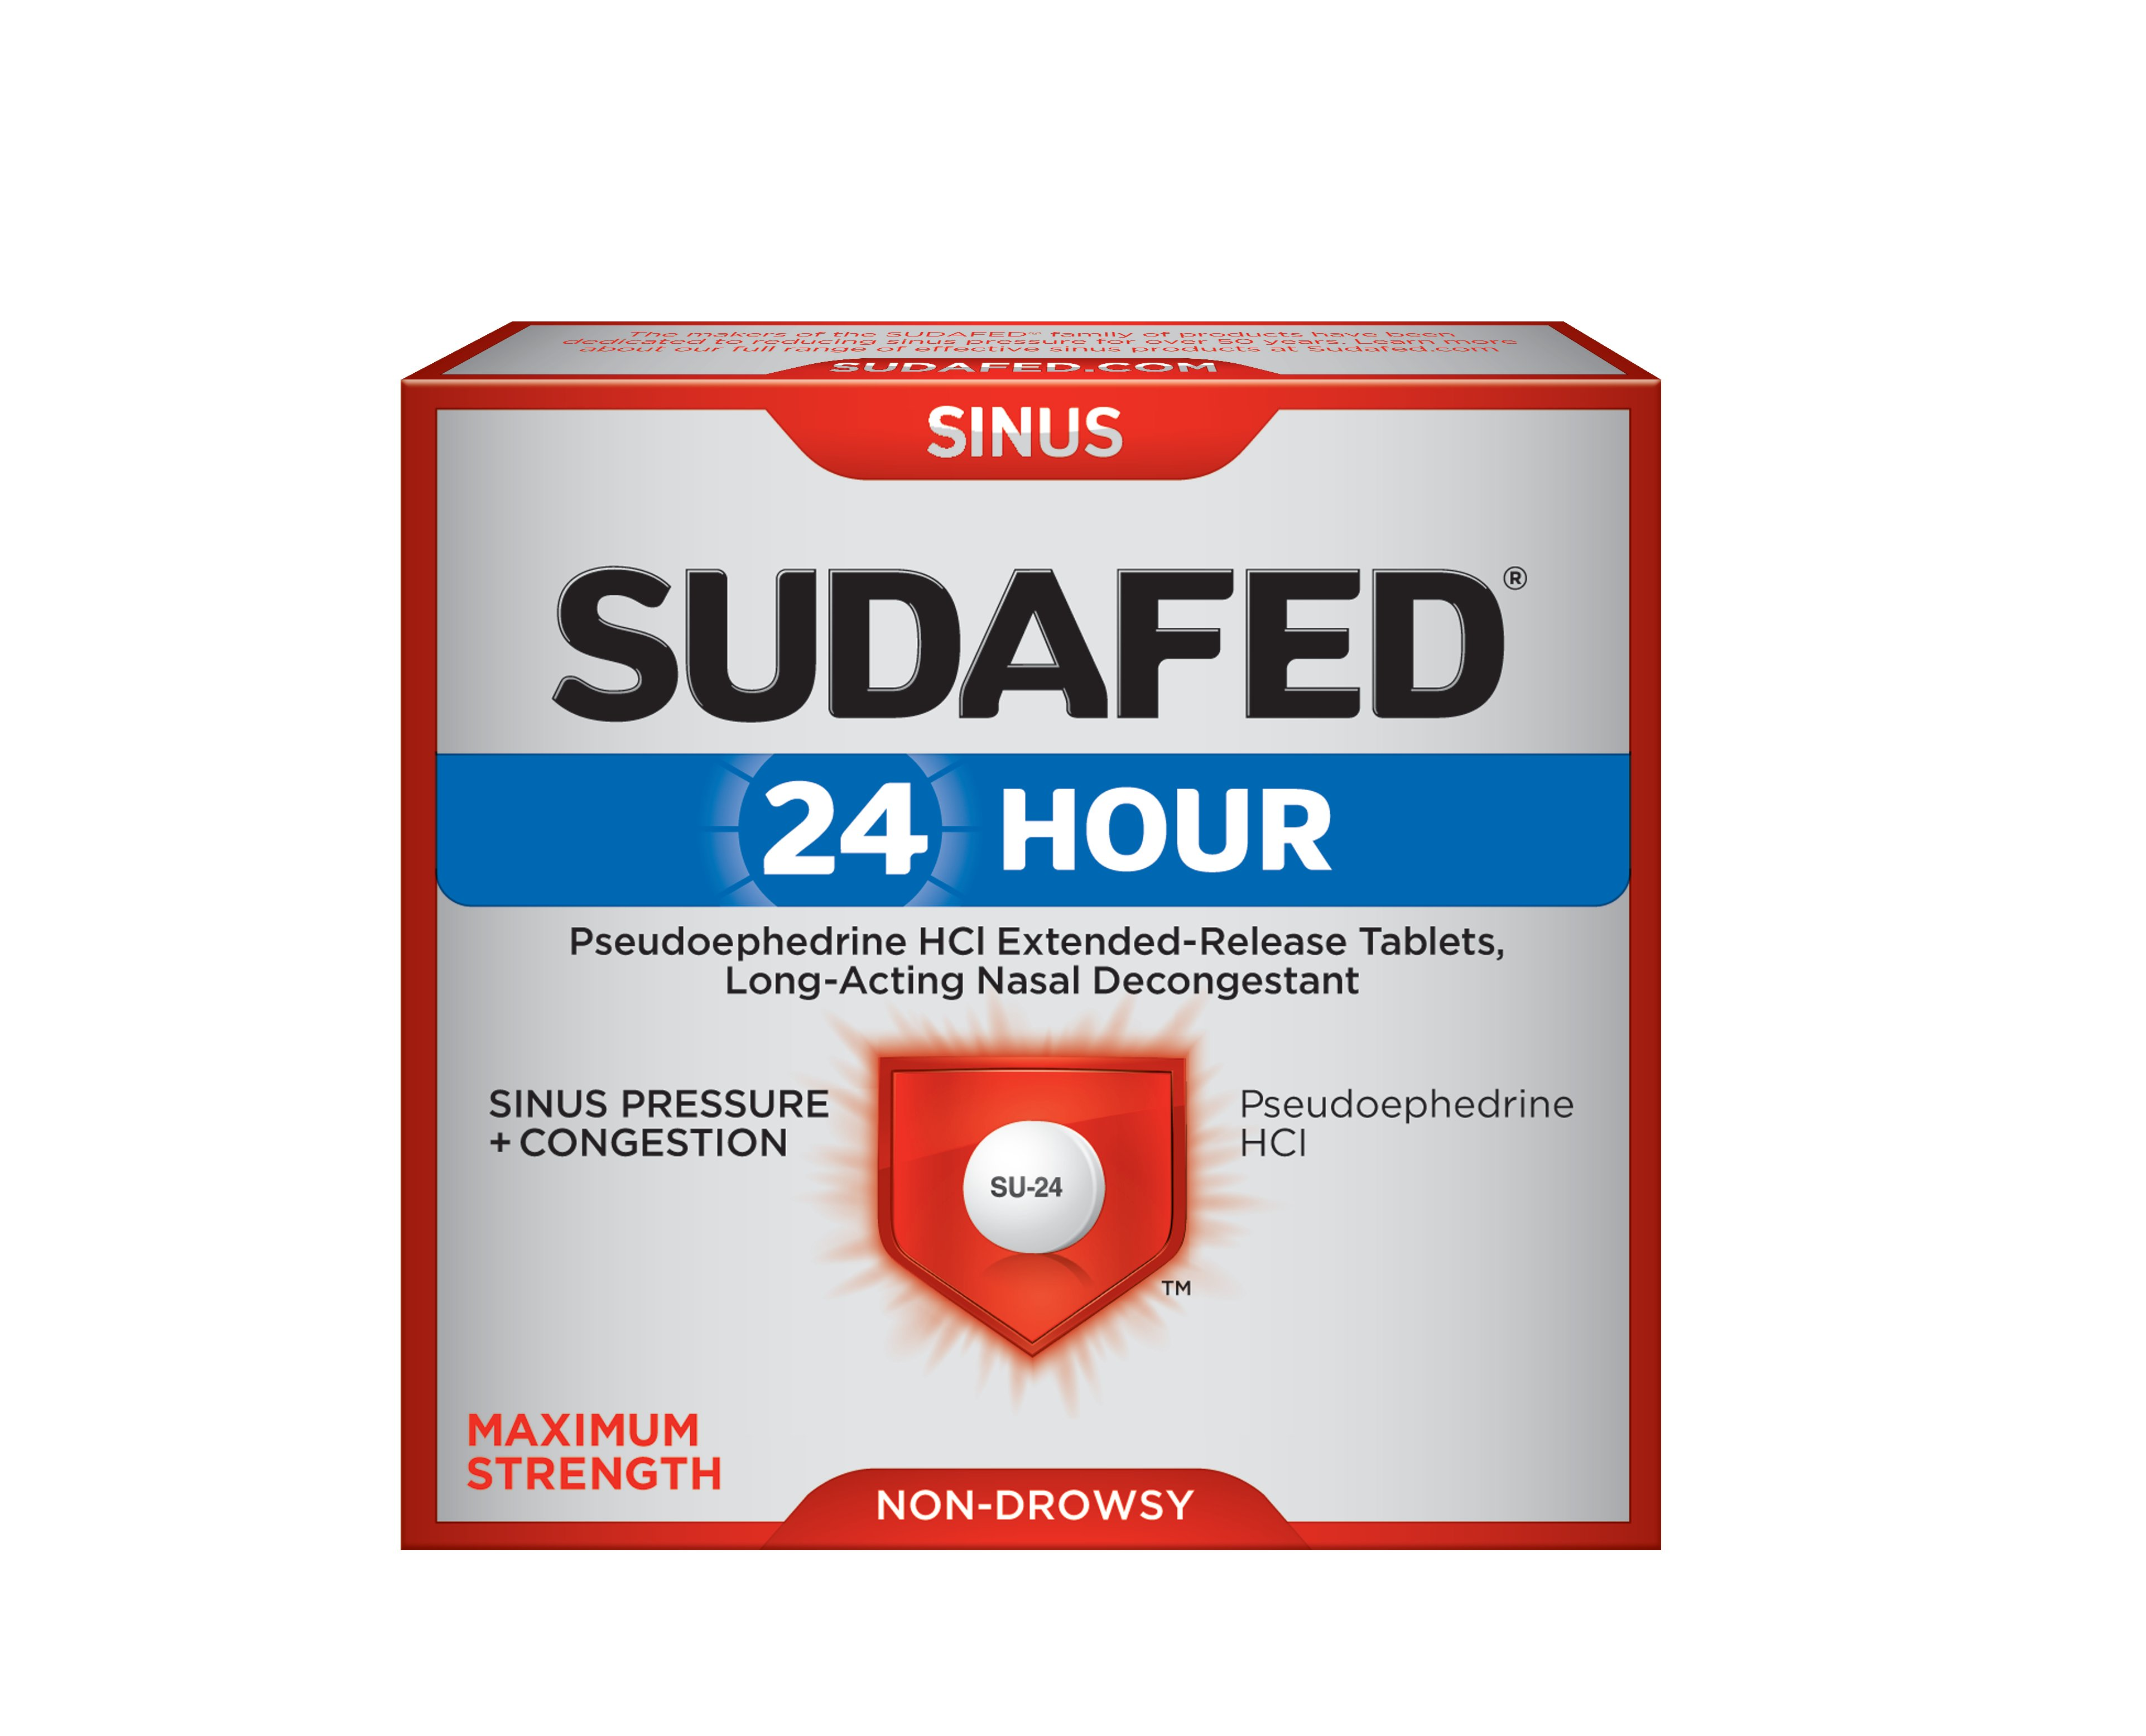 SUDAFED® 24 HOUR